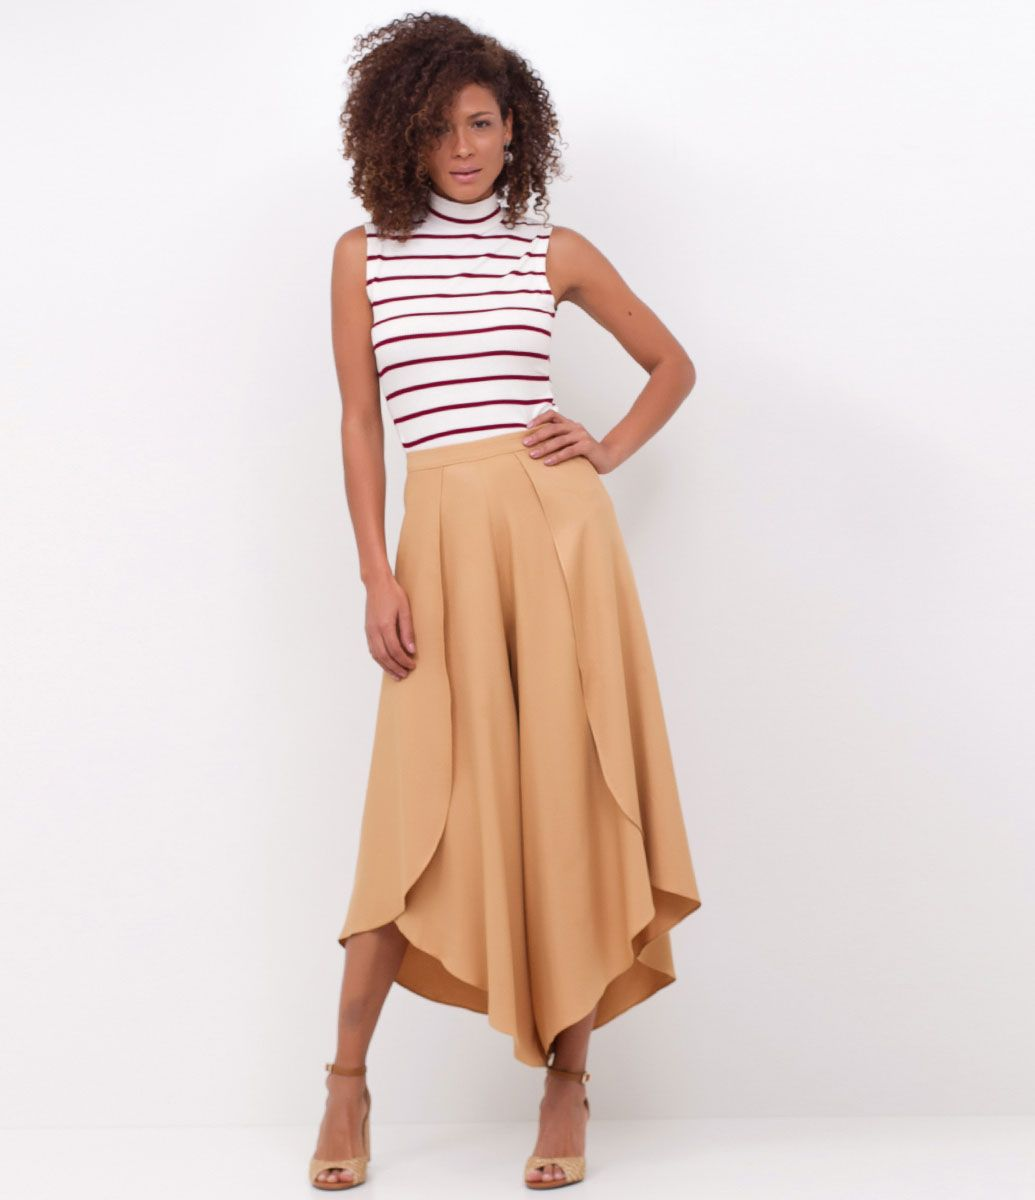 03cdaed8d6 Saia calça feminina Com pontas Marca  Marfinno Tecido  viscose Modelo veste  tamanho  P